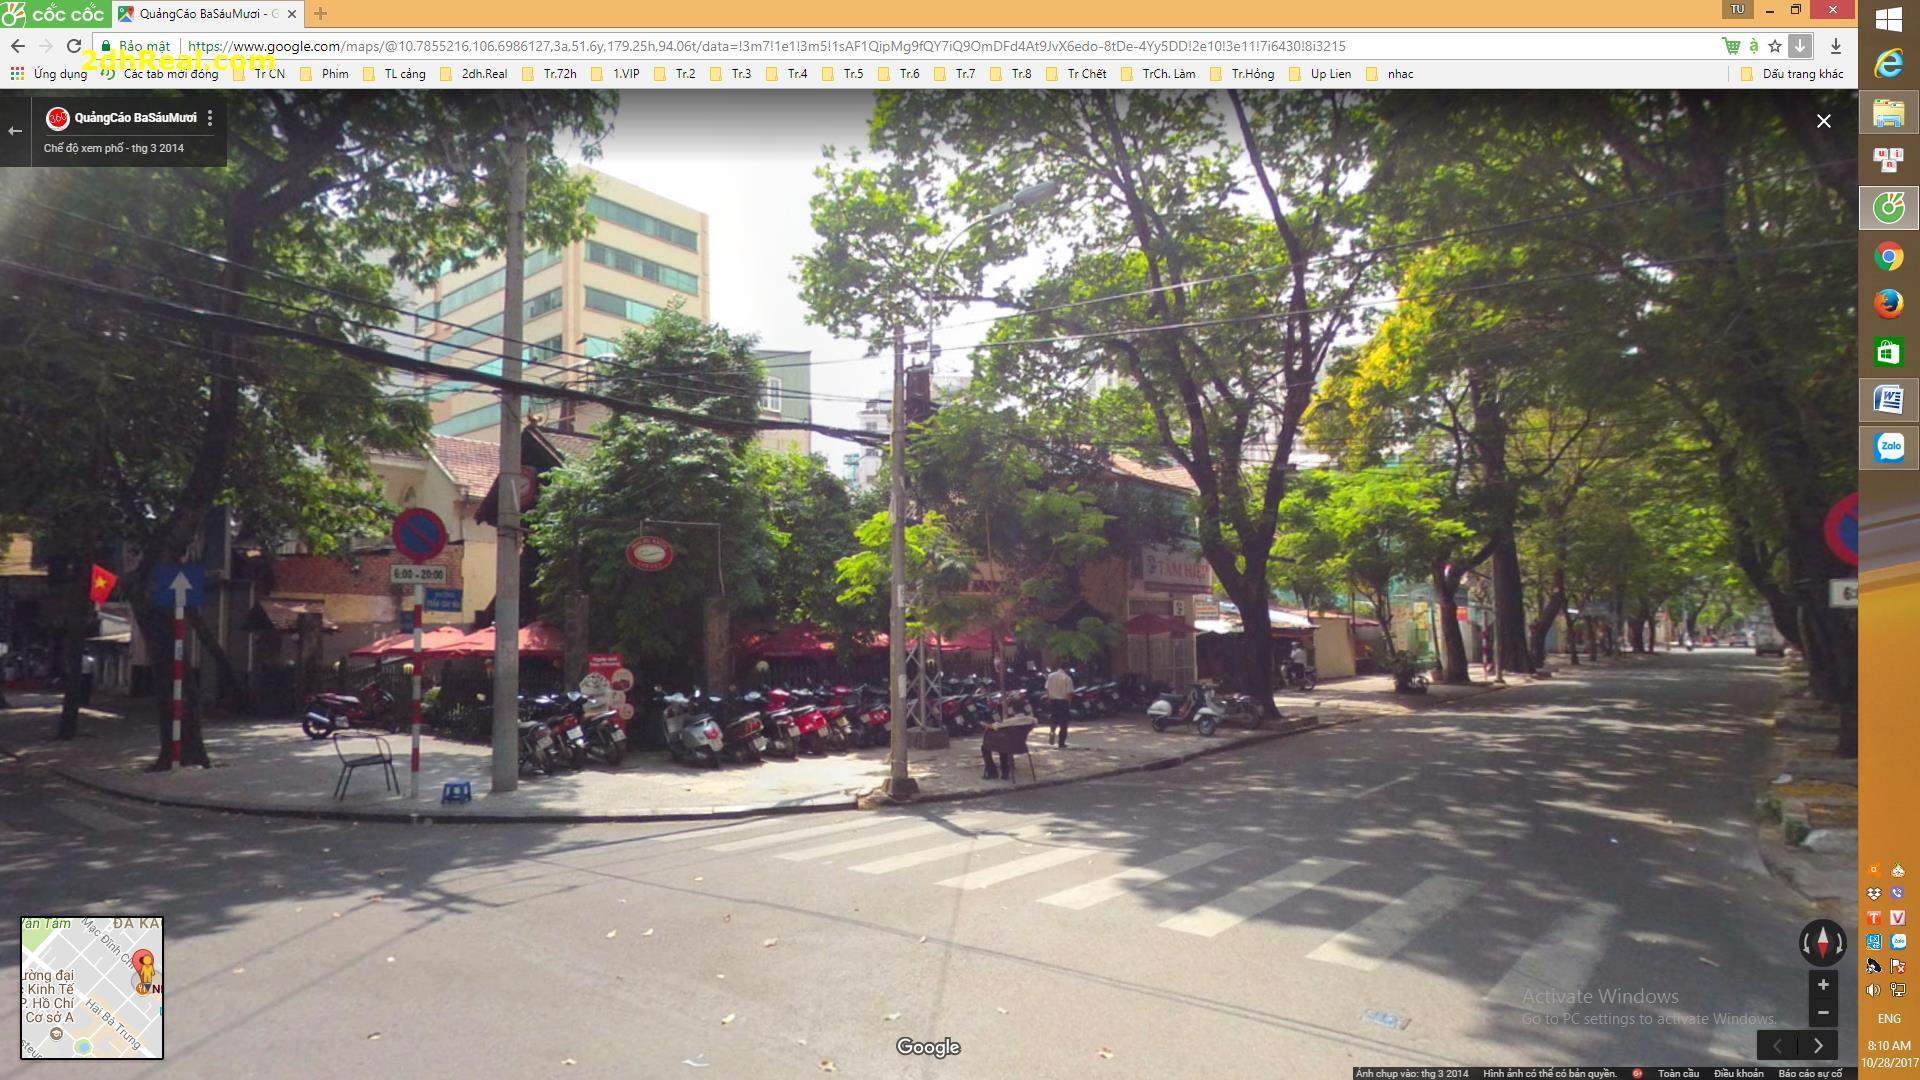 Bán biệt thự 1B Trần Cao Vân phường Đakao quận 1 giá 80 tỷ